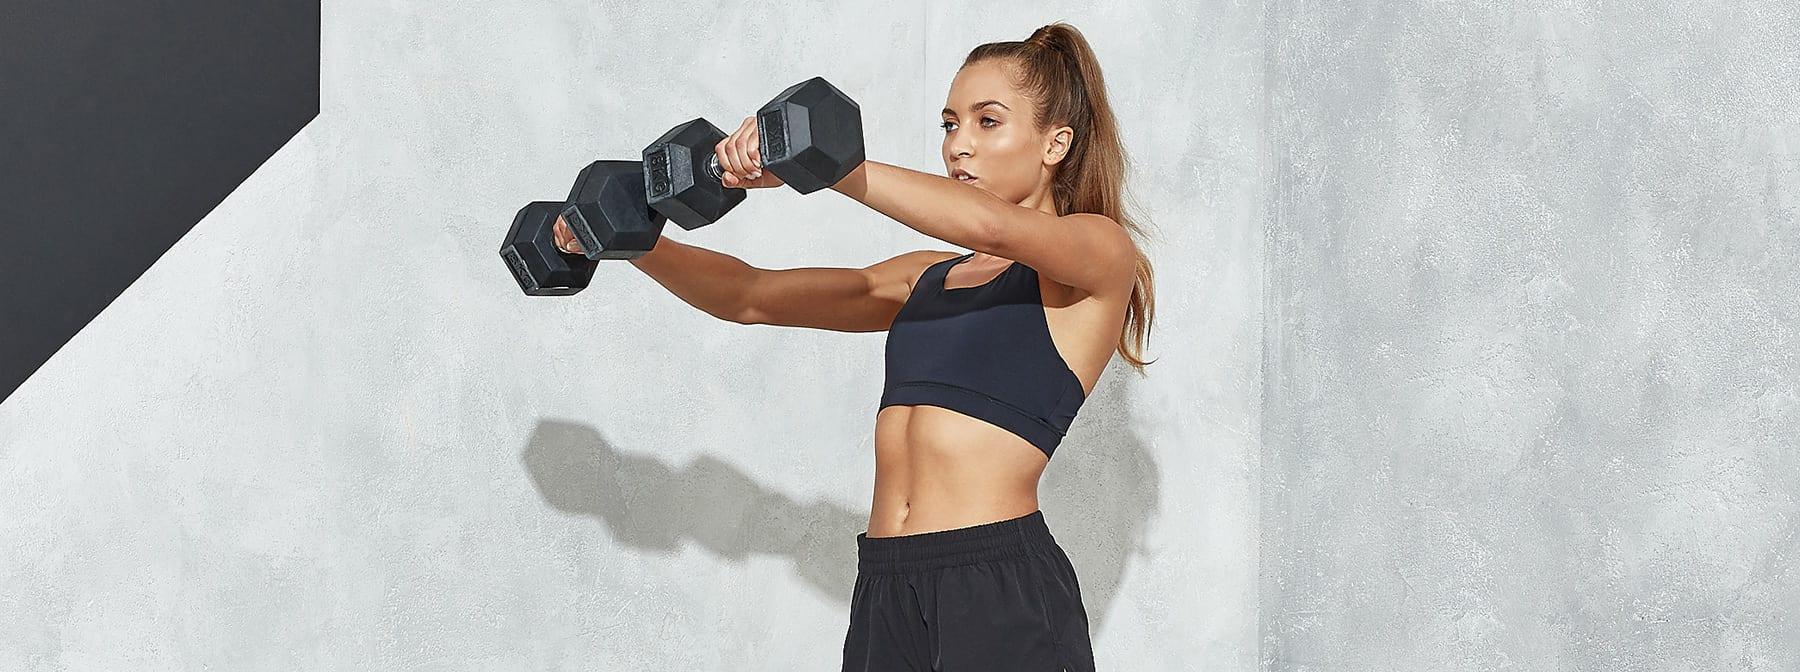 Cum să scapi de grăsime fără a pierde greutate muşchi